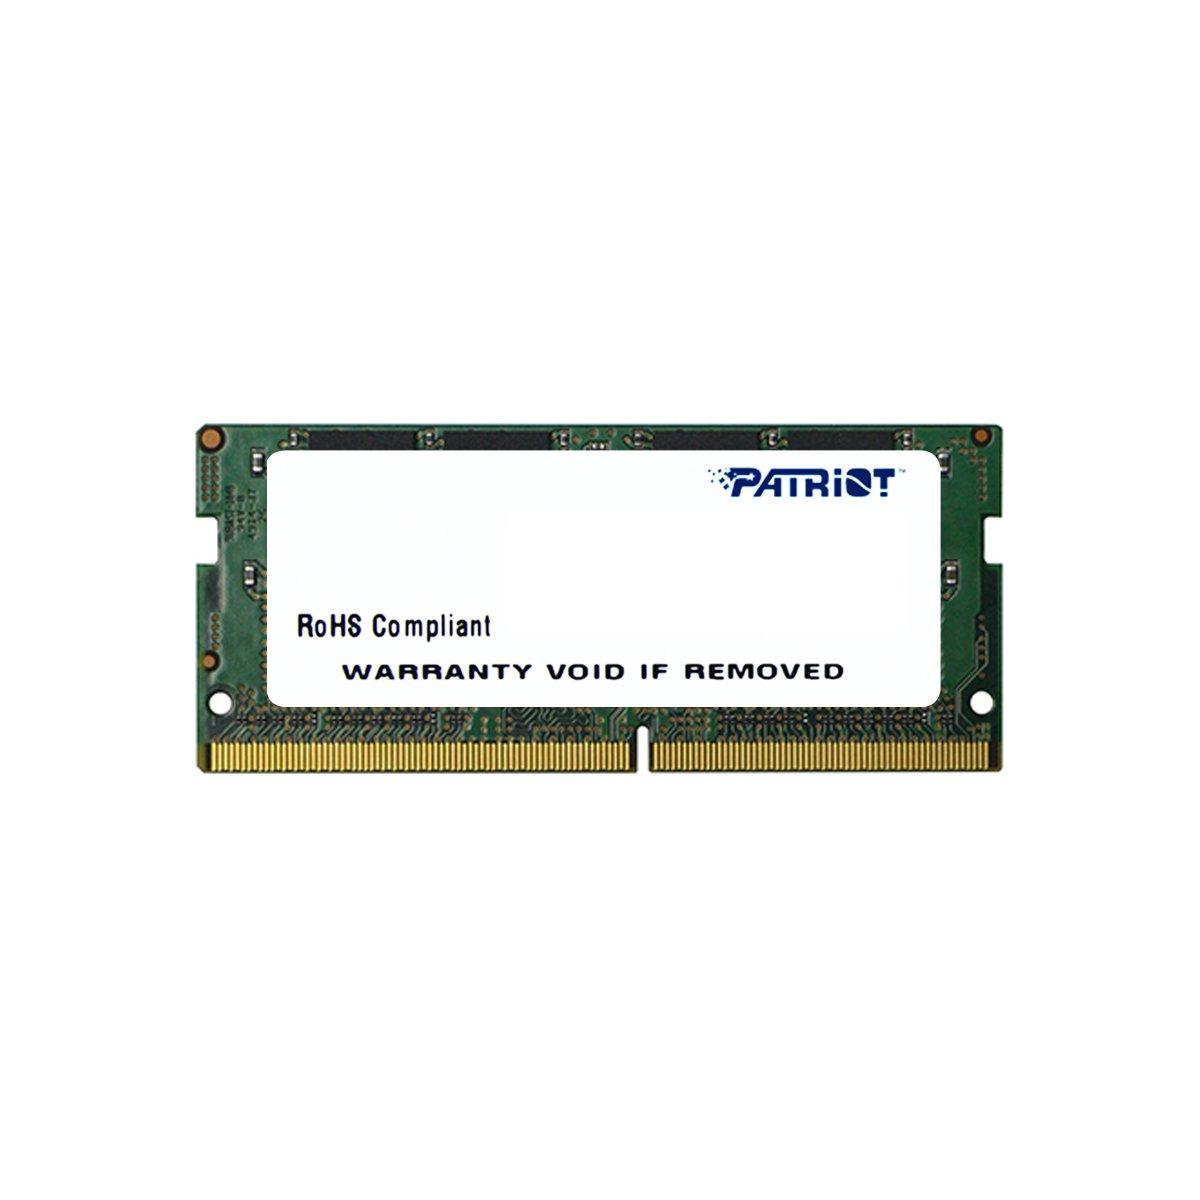 Memoria Ram 8gb Patriot Signature Line Ddr4 (1x8gb) 2133mhz (pc4-17000) Sodimm - Psd48g213381s